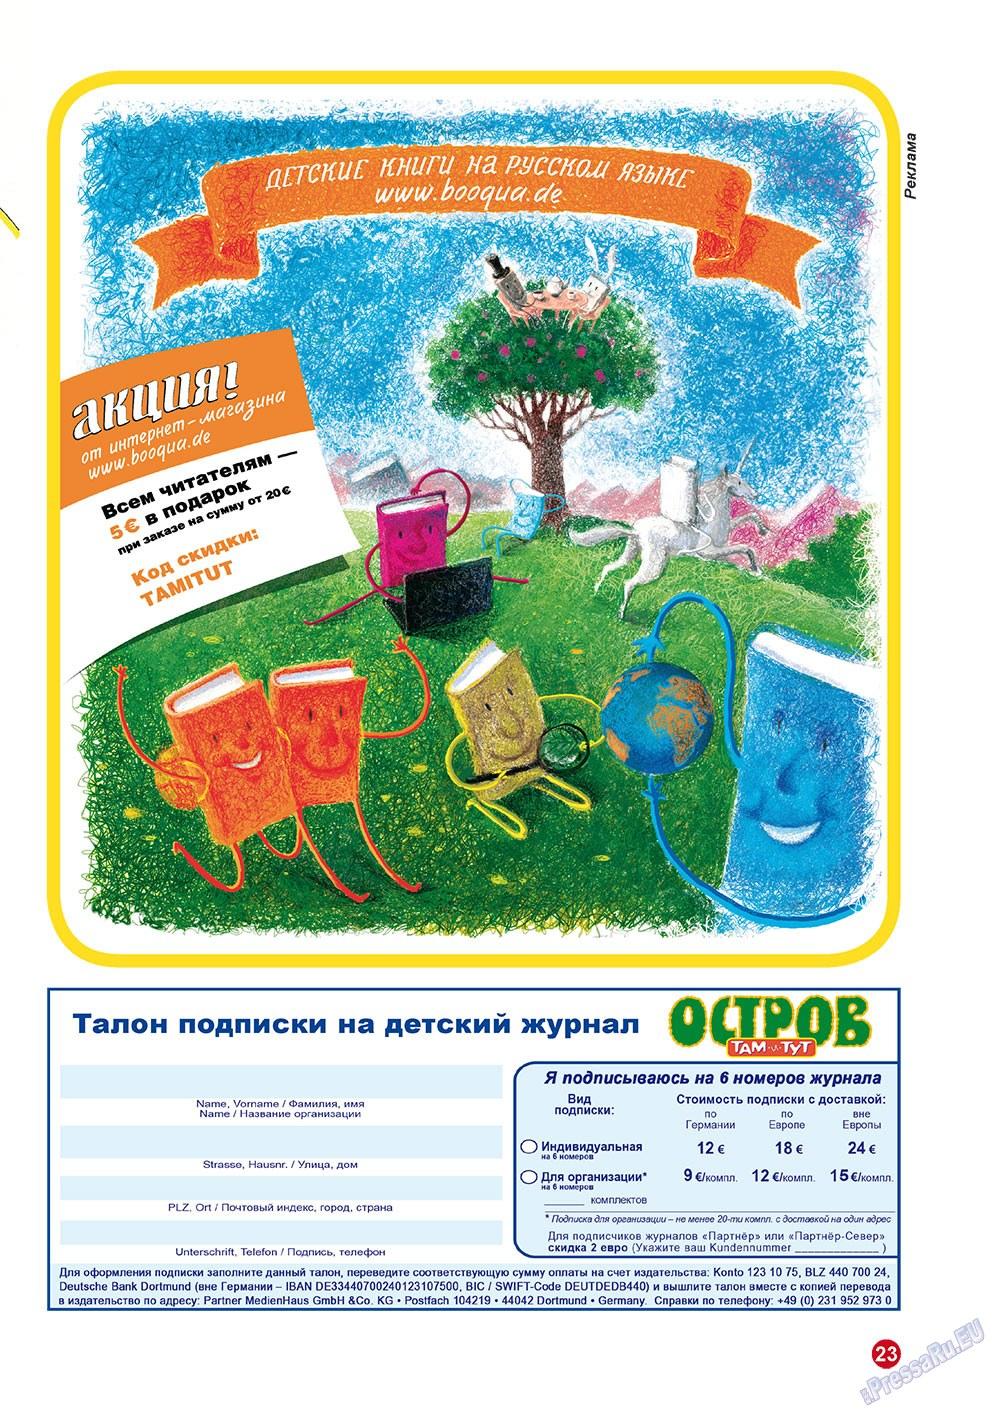 Остров там и тут (журнал). 2010 год, номер 2, стр. 23